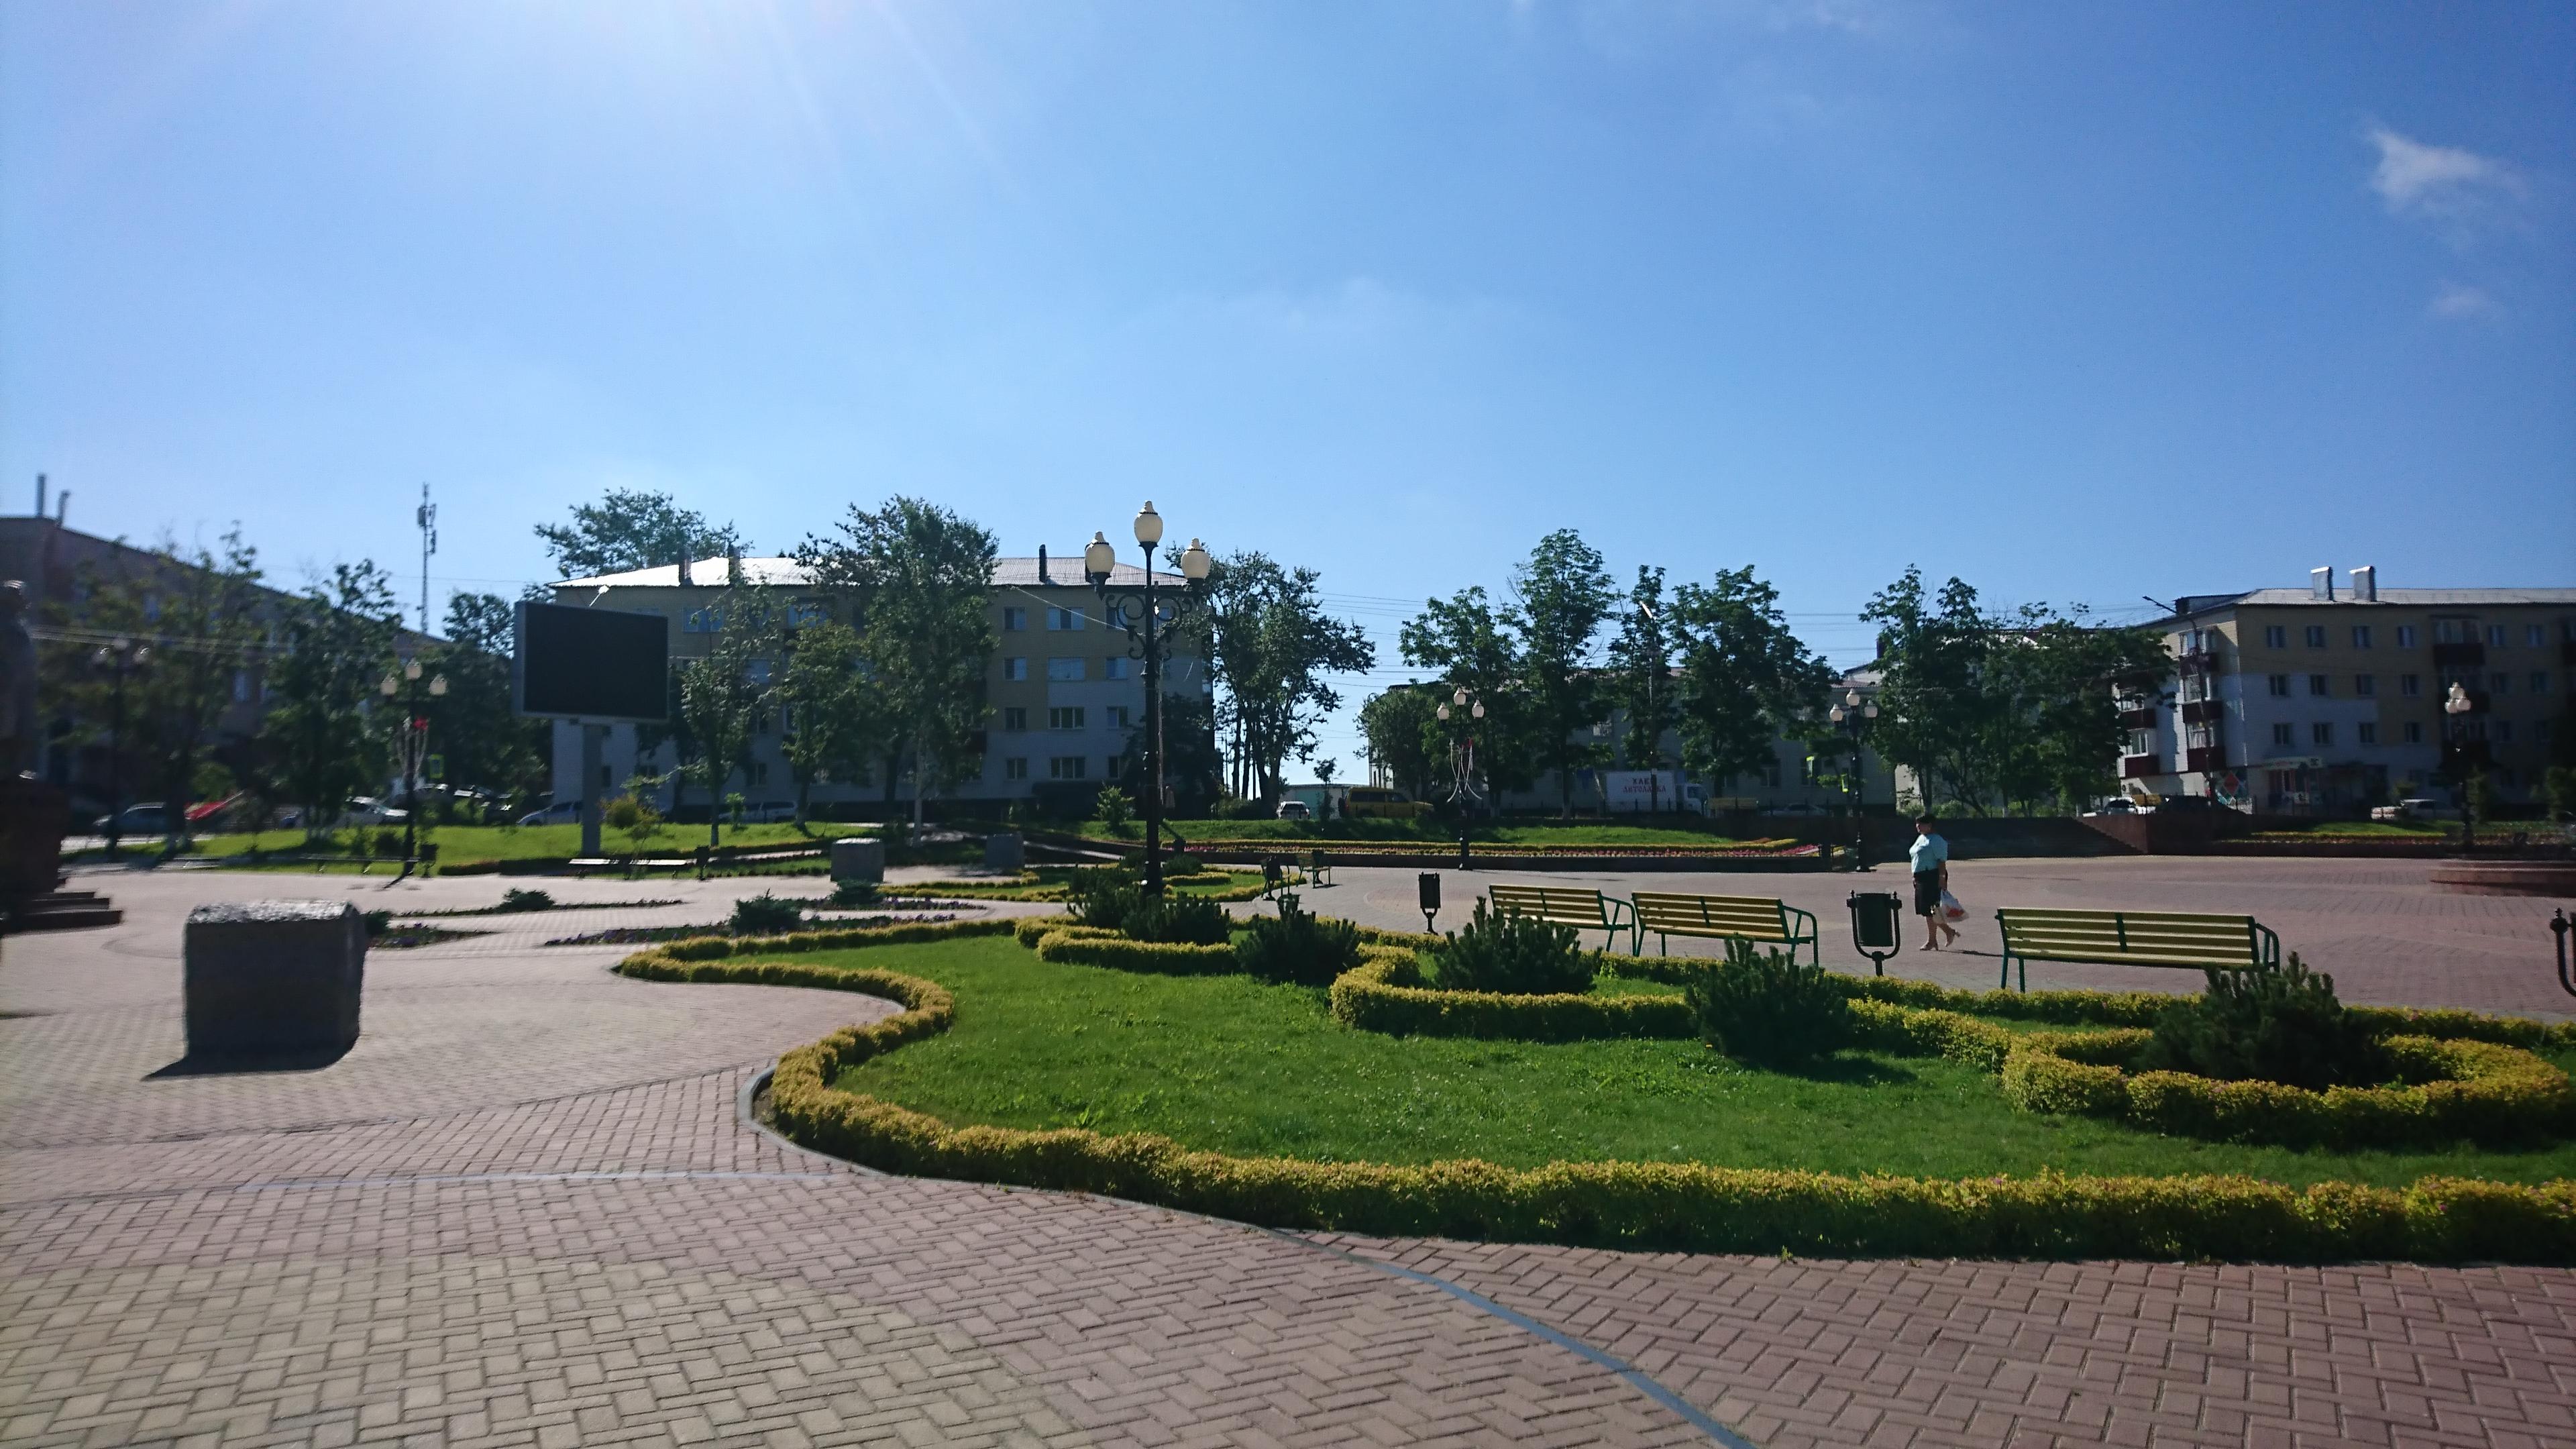 ダイヤモンドプリンセスで寄港したコルサコフのレーニン広場